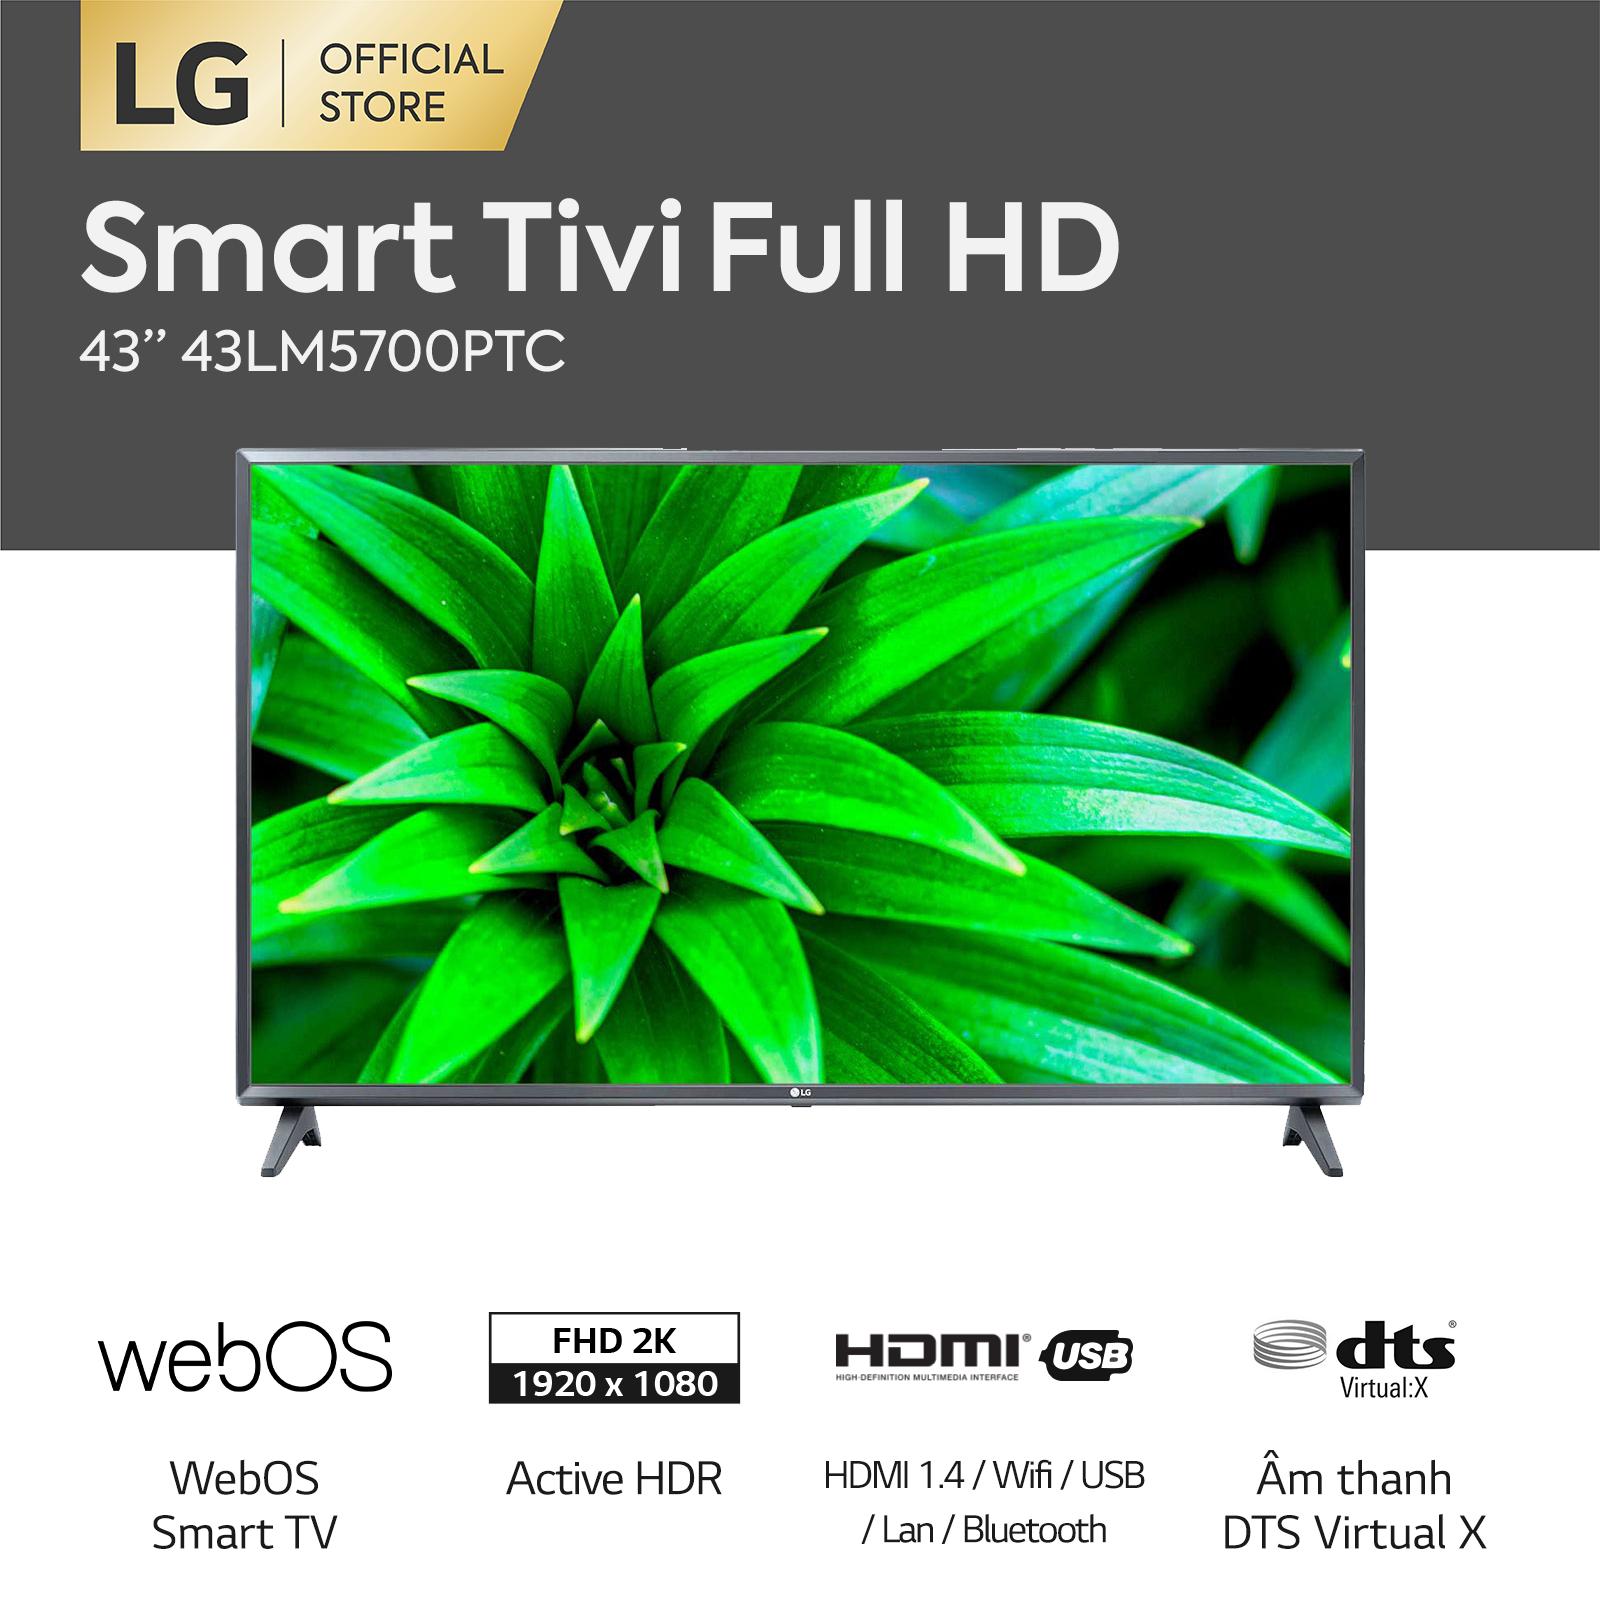 [FREESHIP 500K TOÀN QUỐC] Smart Tivi LG 43 inch FHD 43LM5700PTC + Magic Remote – Hãng phân phối chính thức